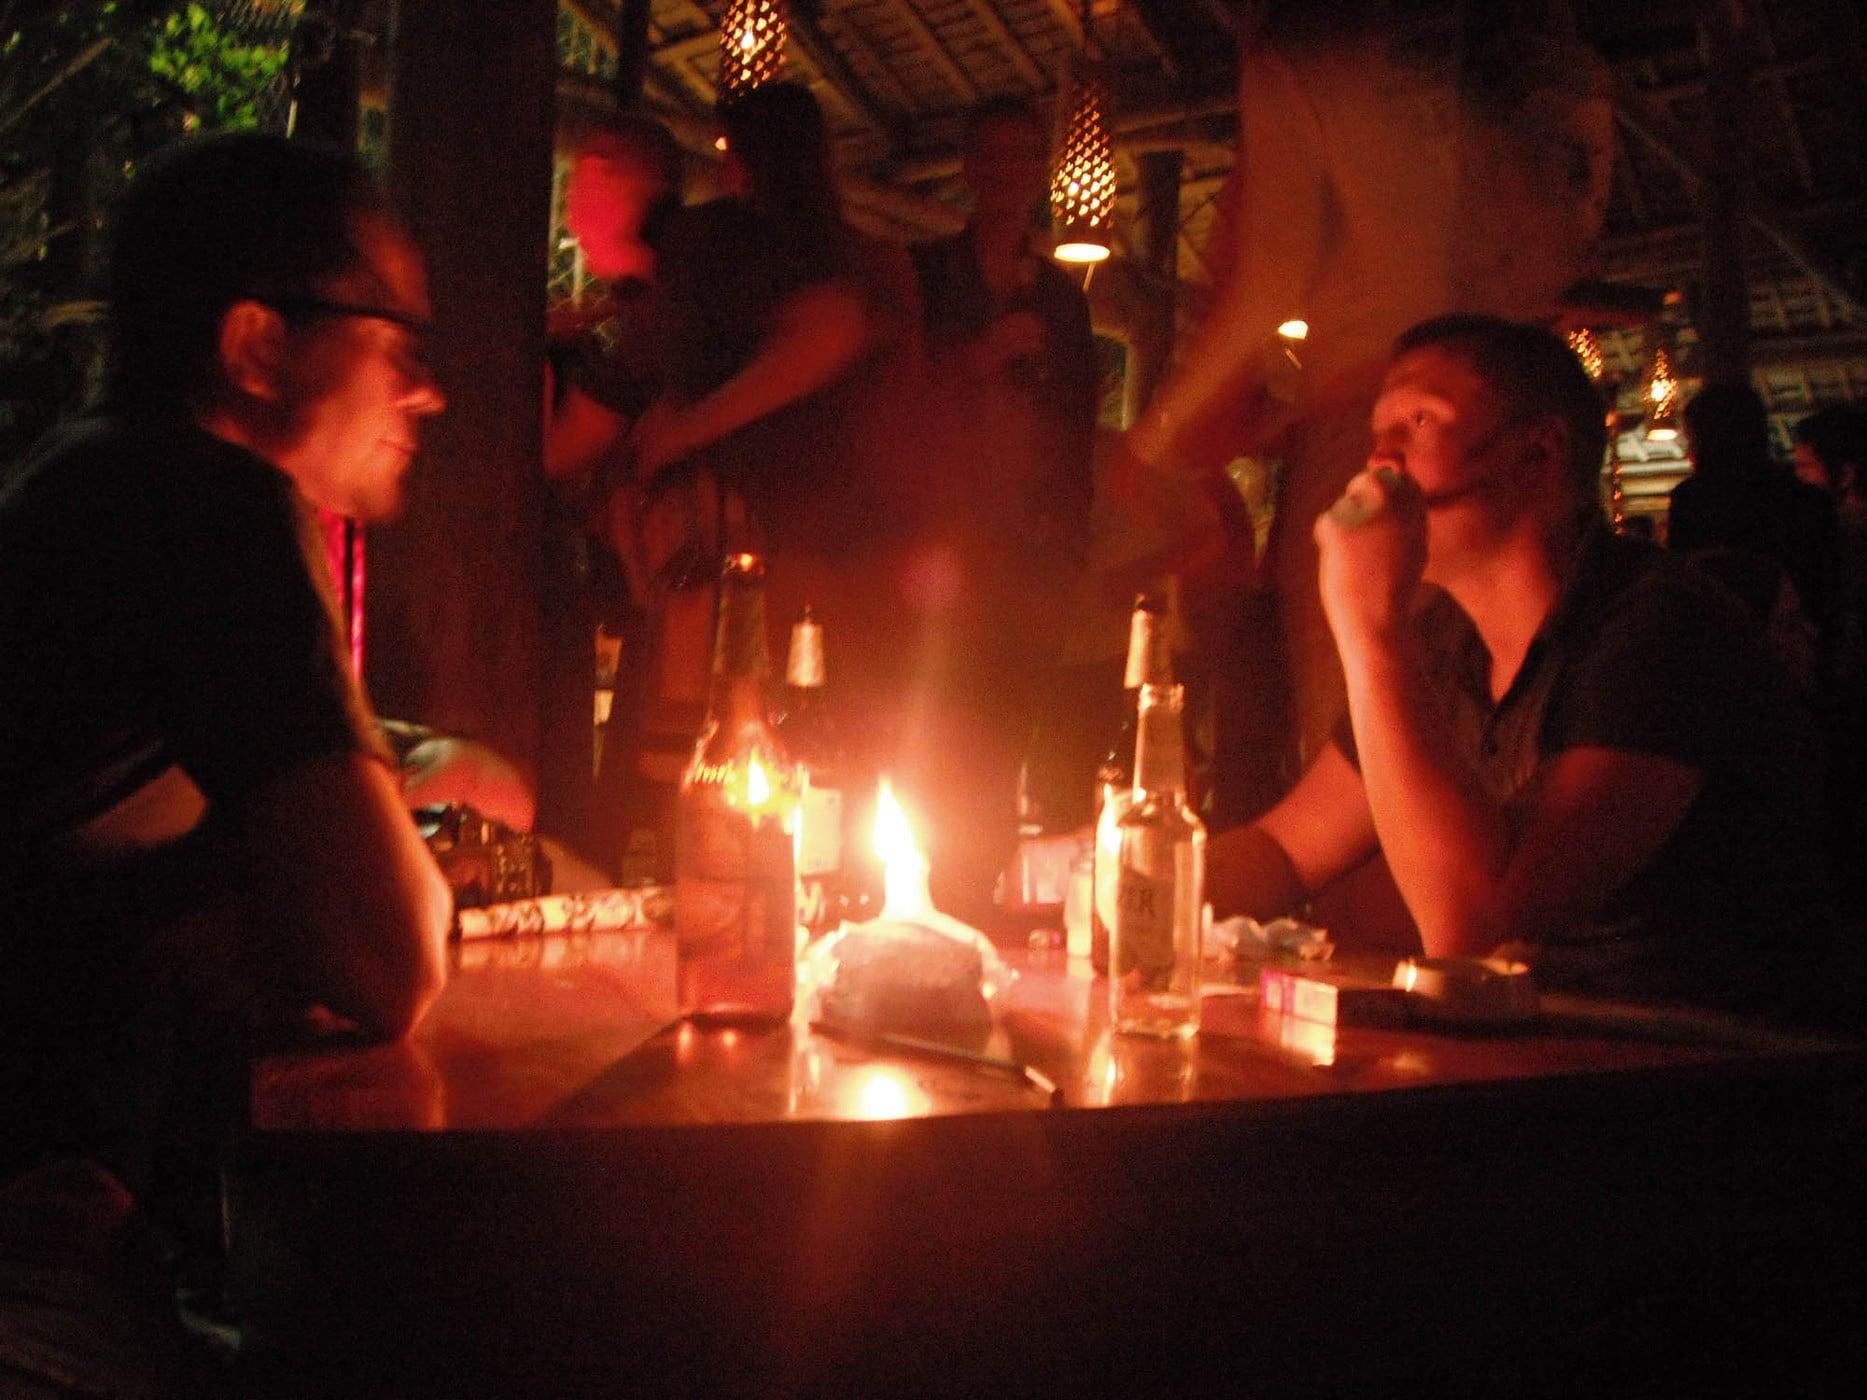 Utopia bar in Luang Prabang, Laos